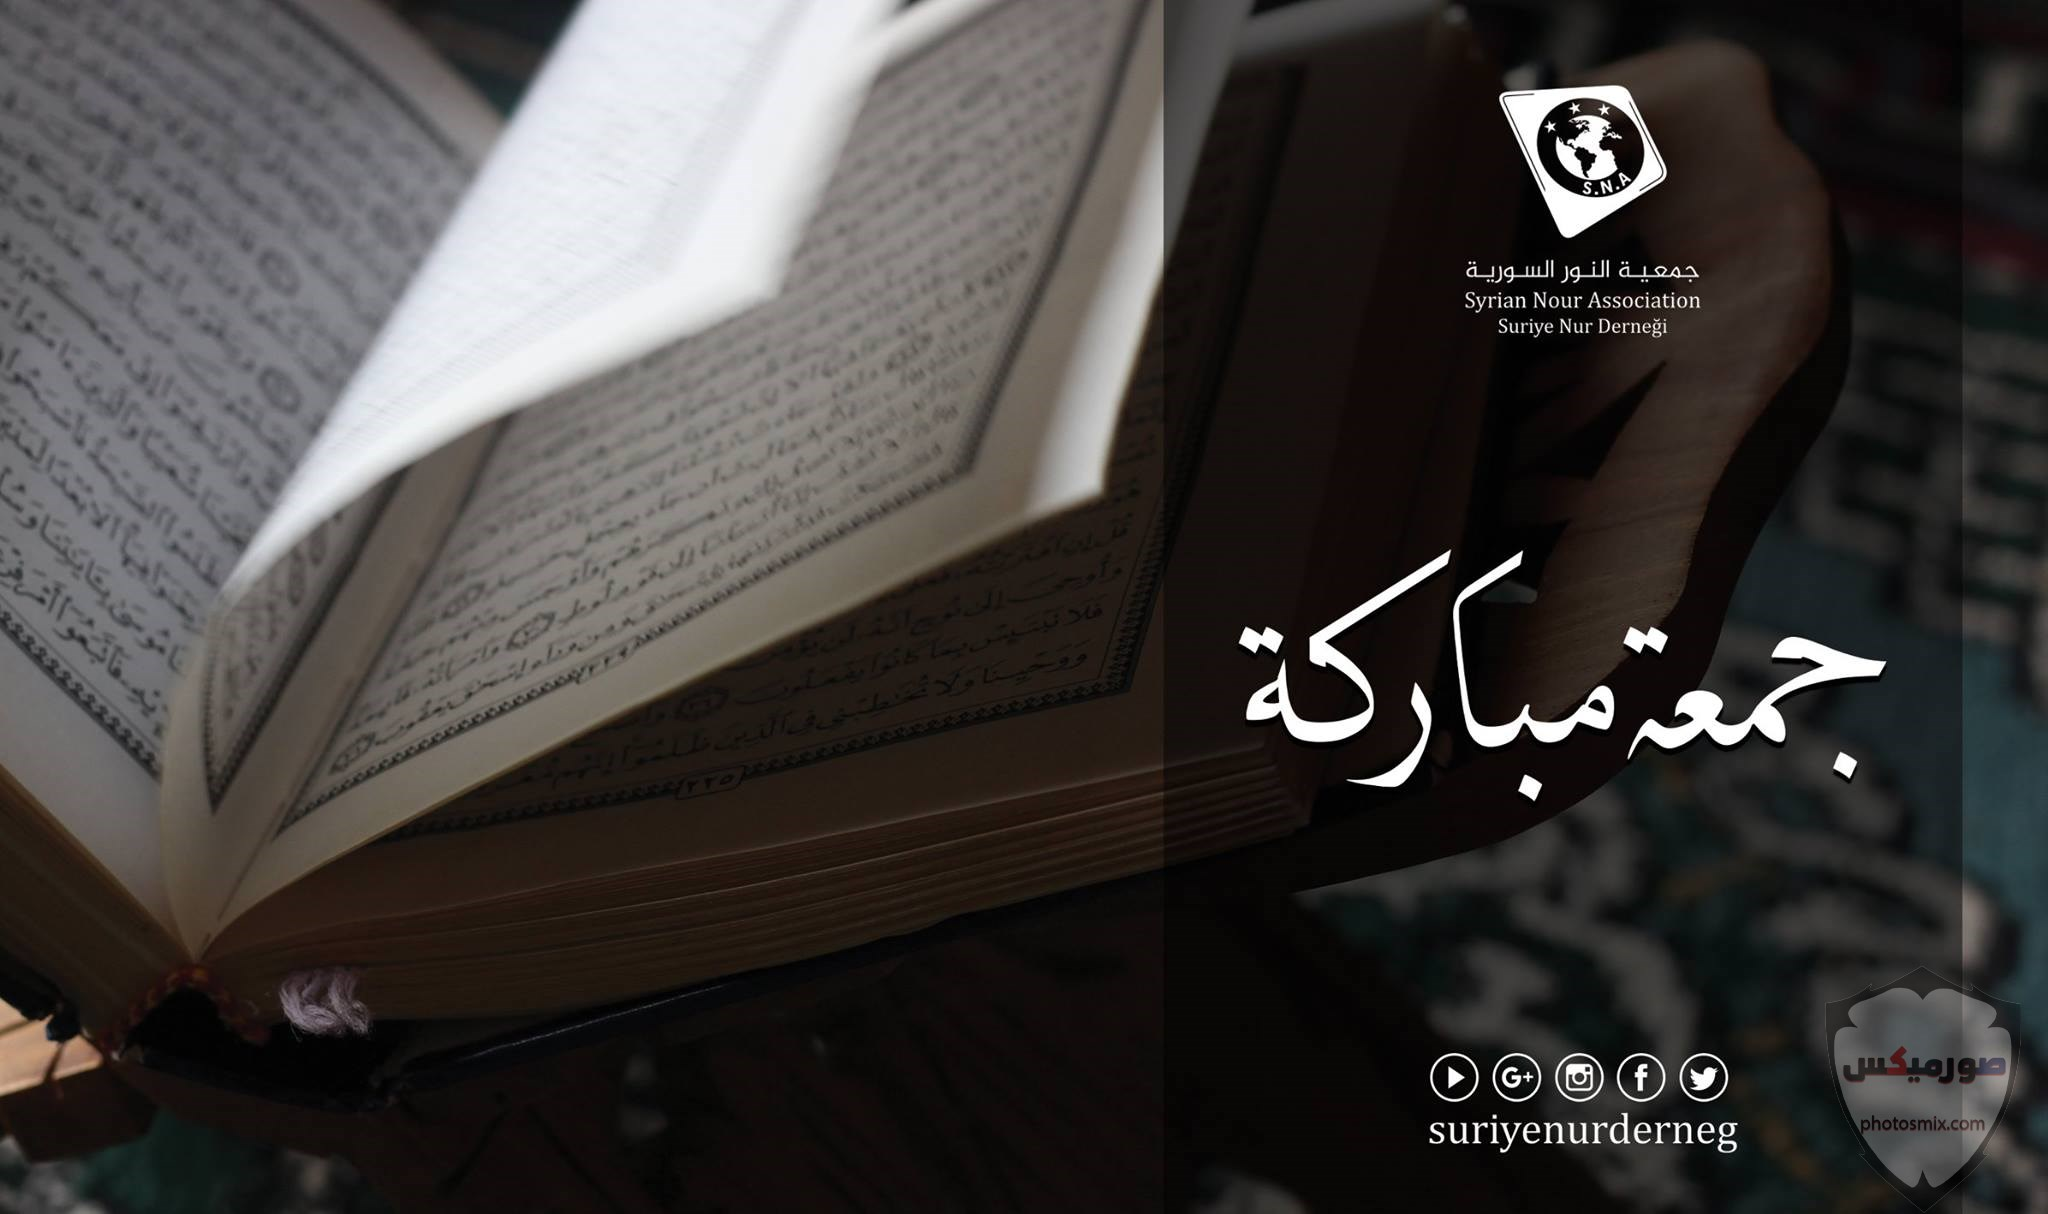 جمعة مباركة صور جمعة مباركه 2020 ادعية يوم الجمعه مصورة مكتوب عليها جمعة مباركة 37